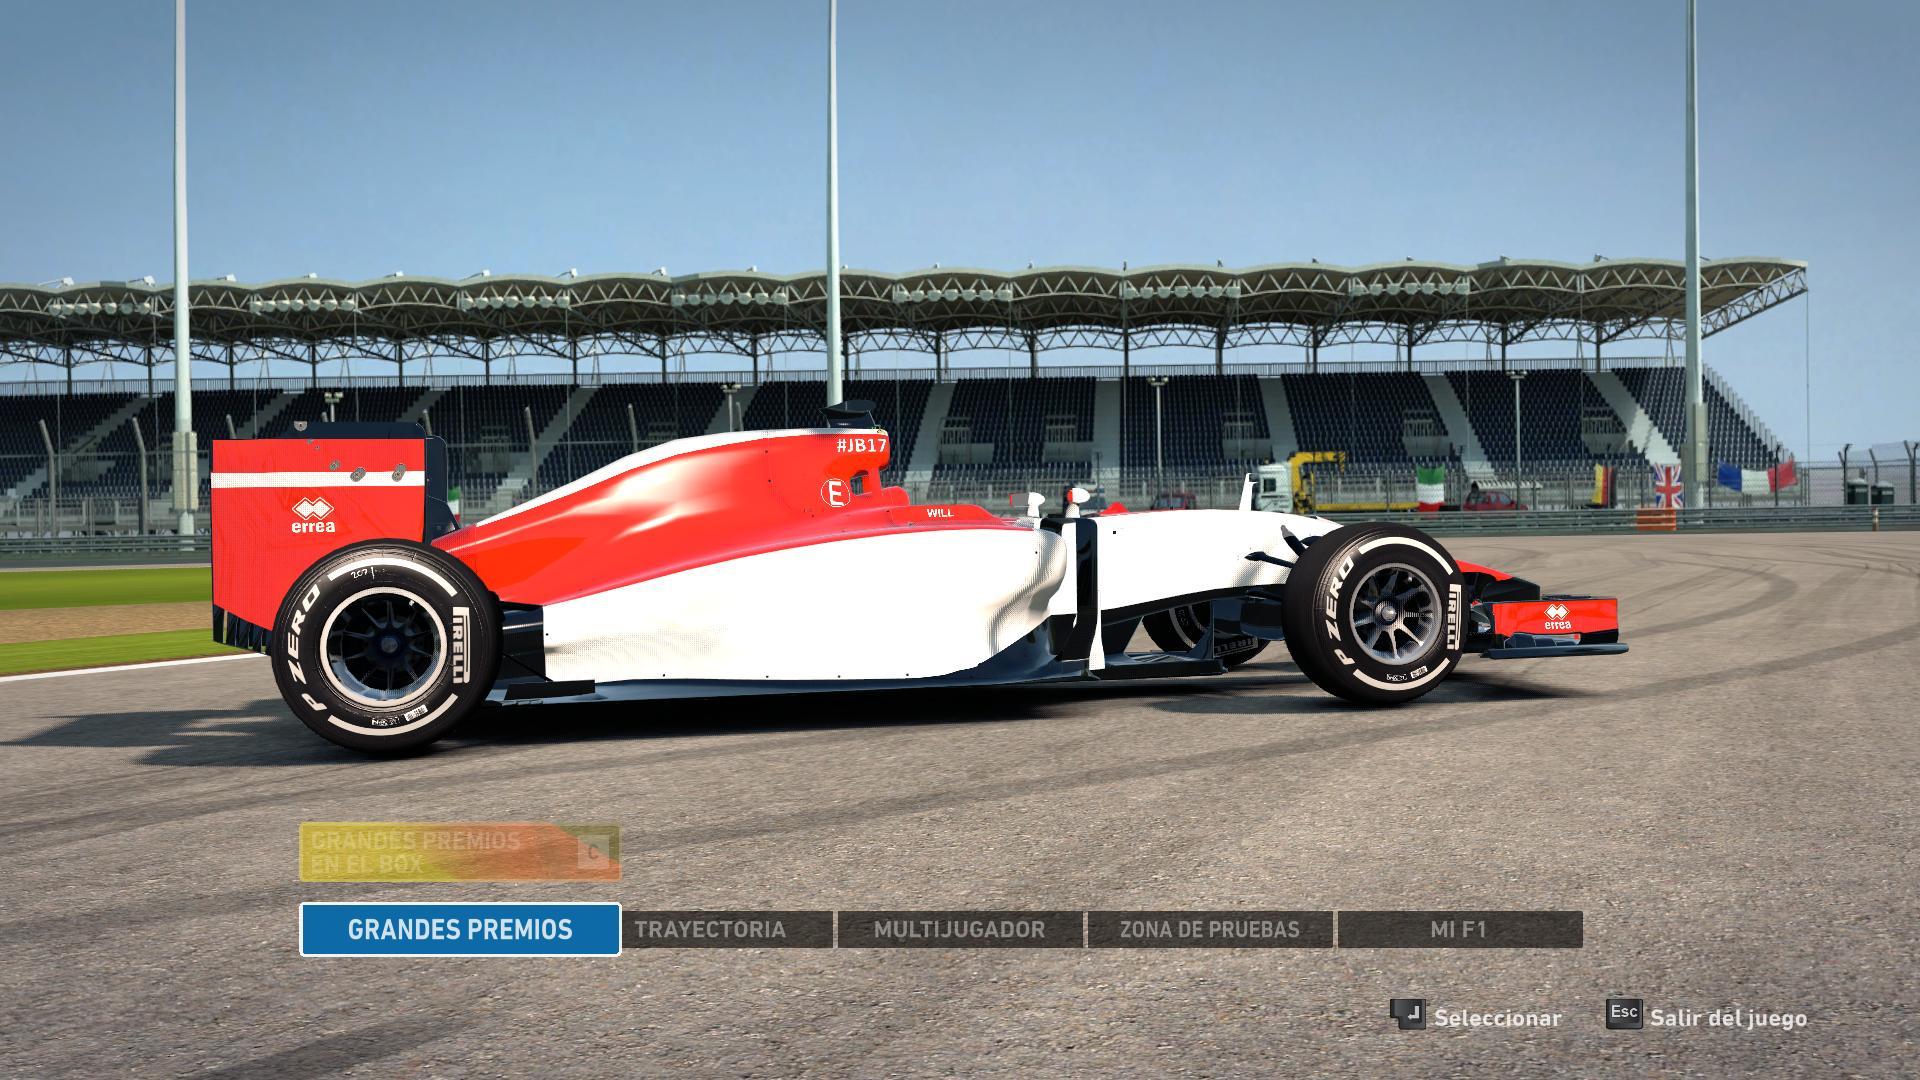 F1 2014 Manor 2015 v1.3